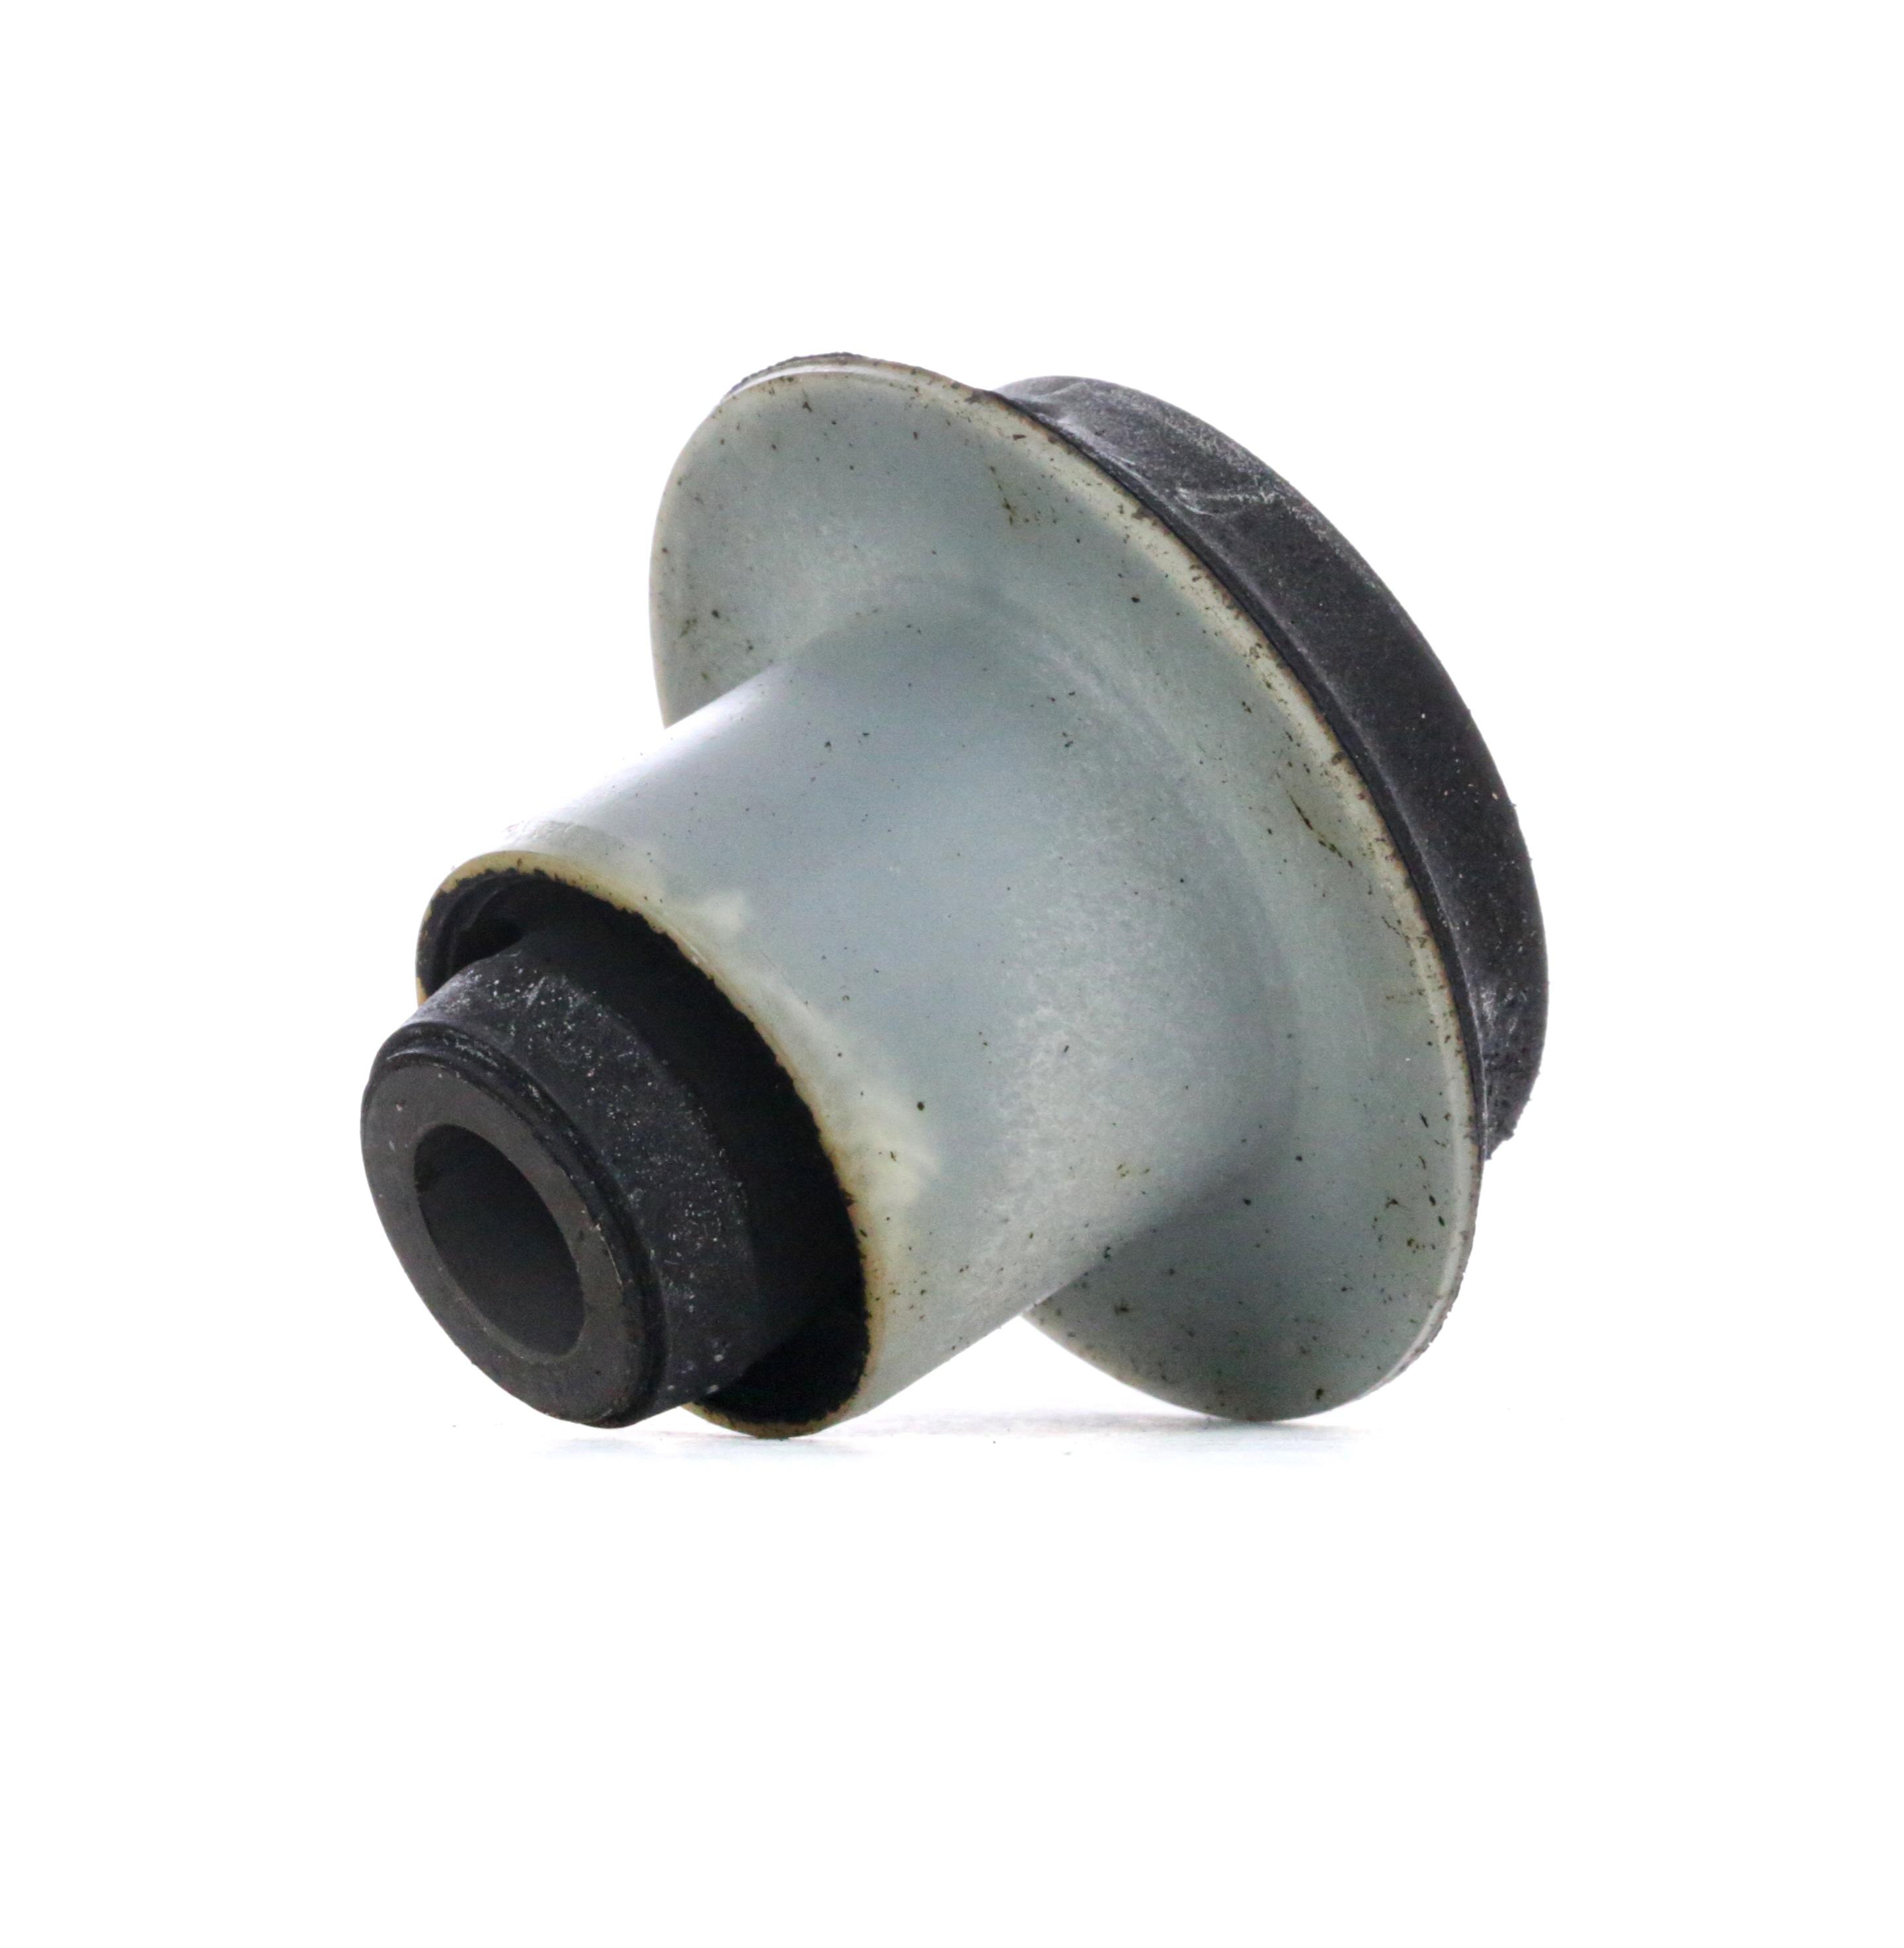 FEBI BILSTEIN: Original Hinterachslager 09377 (Innendurchmesser: 12,0mm, Ø: 32,0mm)